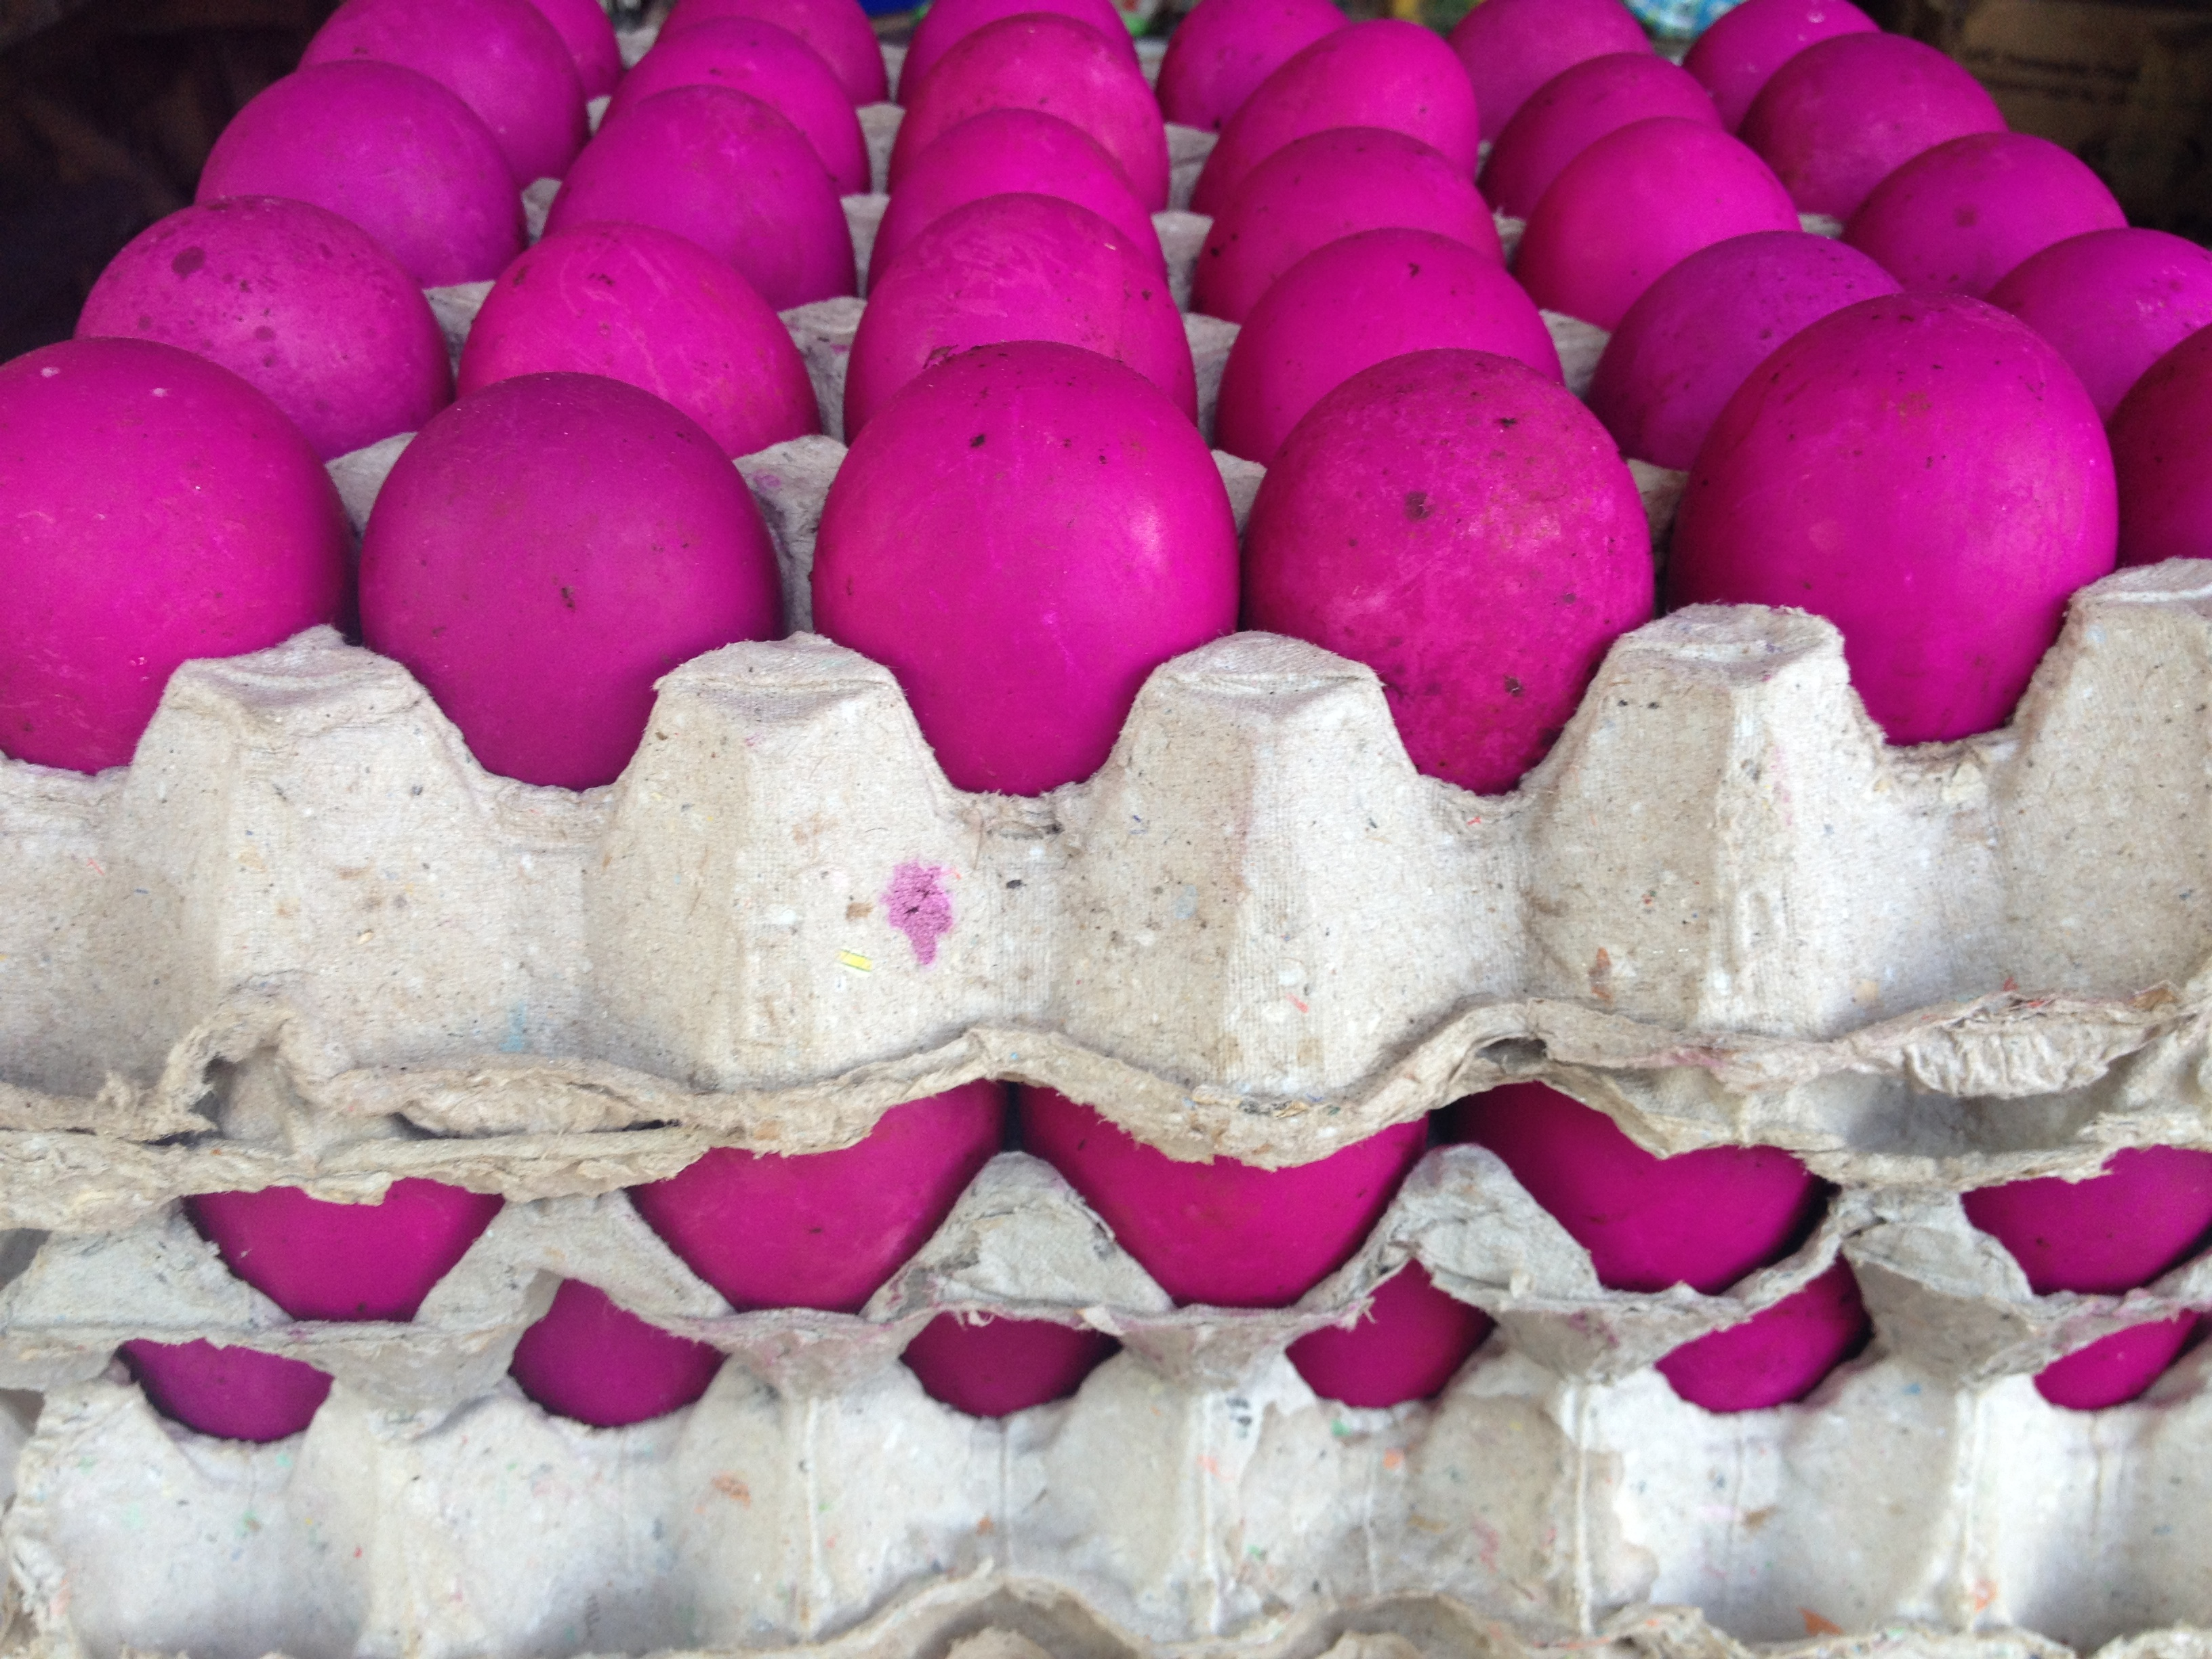 Le uova rosa al mercato di Dumaguete.